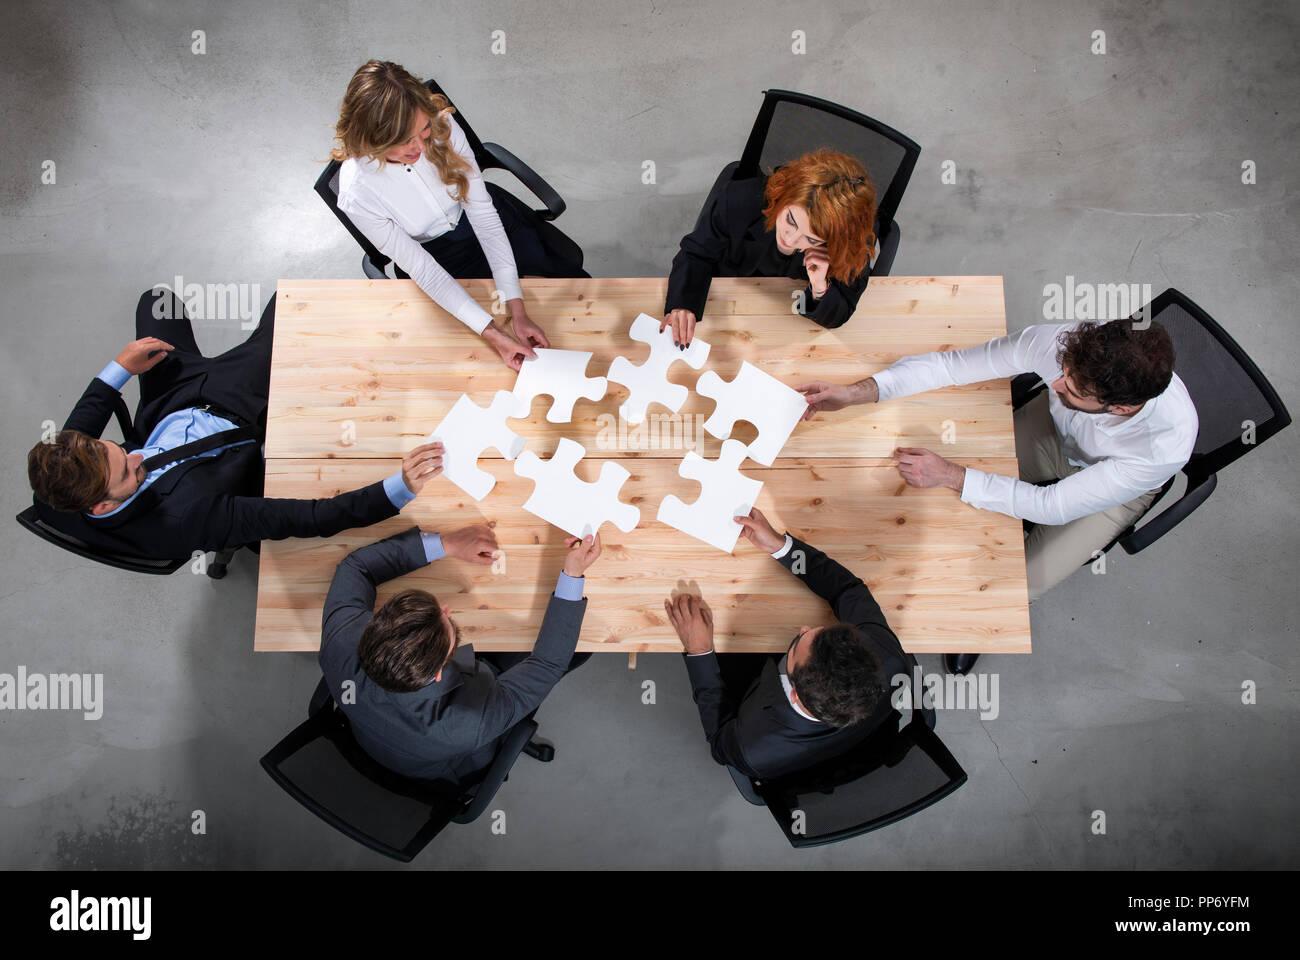 Le travail d'équipe de partenaires. Concept d'intégration et de démarrage des pièces de puzzle Photo Stock